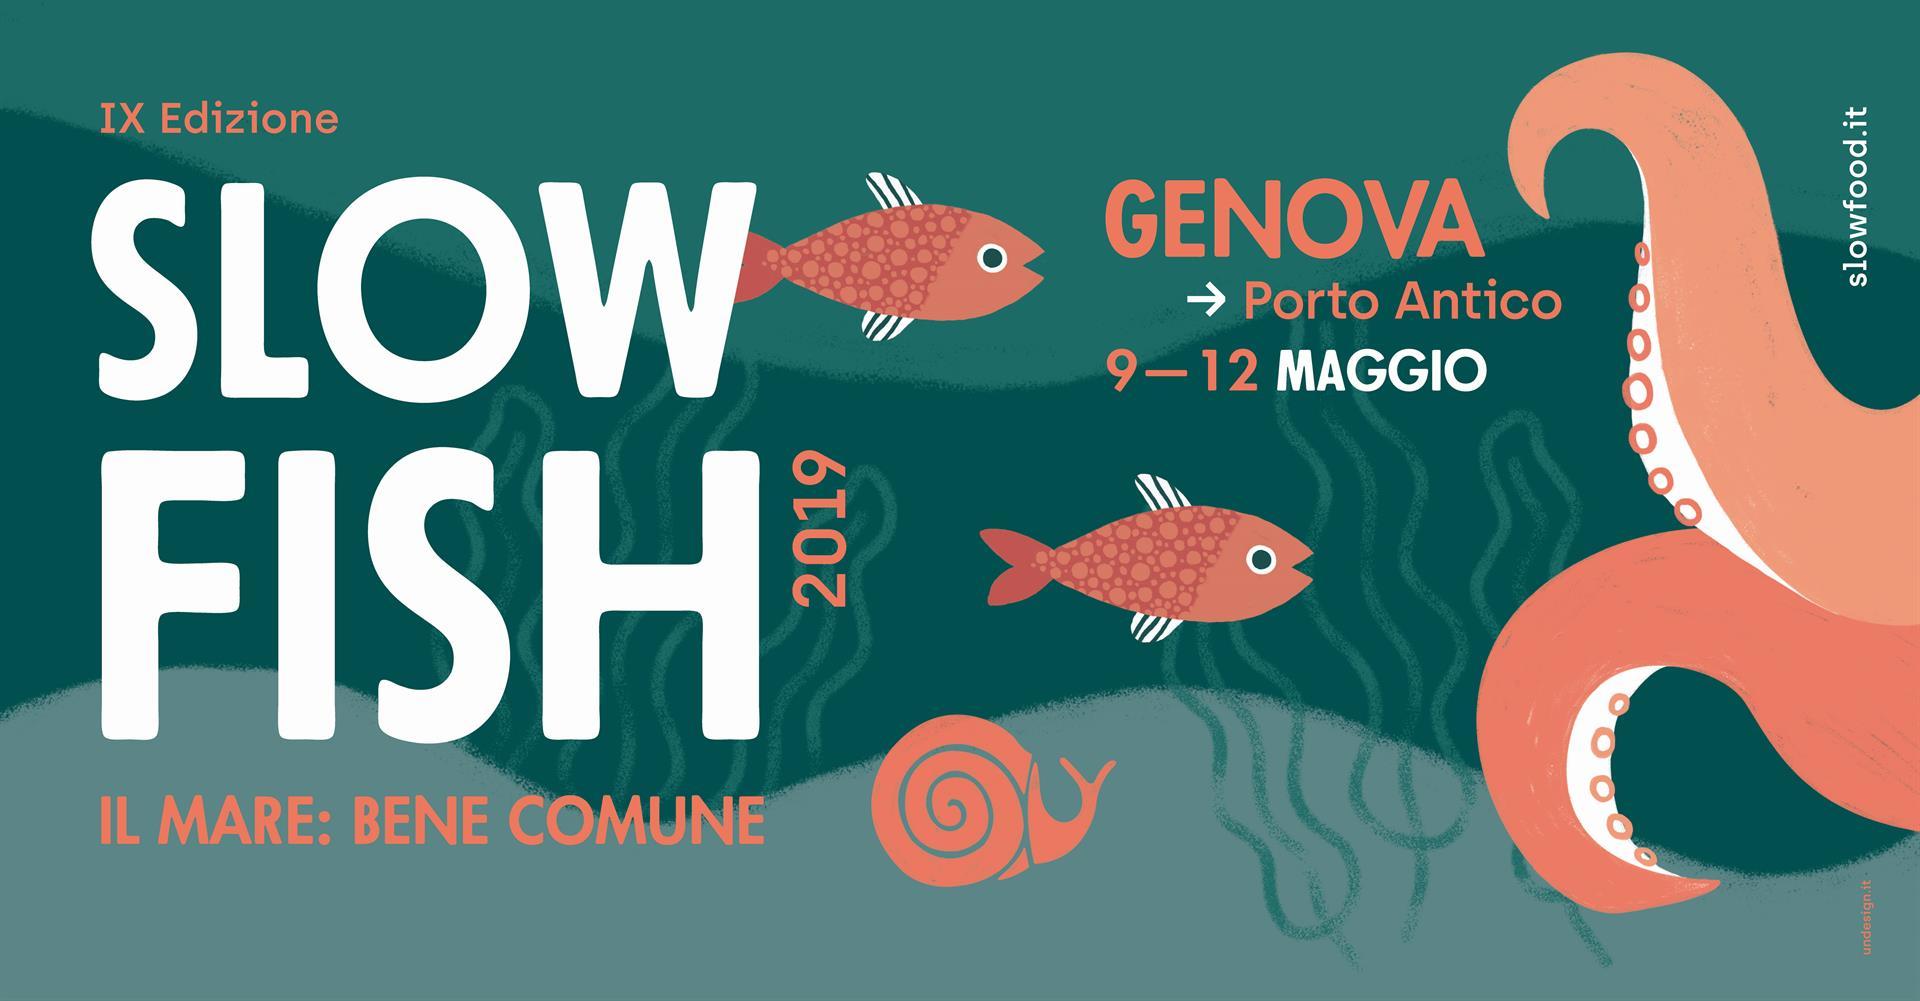 Slow Fish: Il mare bene comune – Giovani di tutto il mondo venite e fatelo vostro